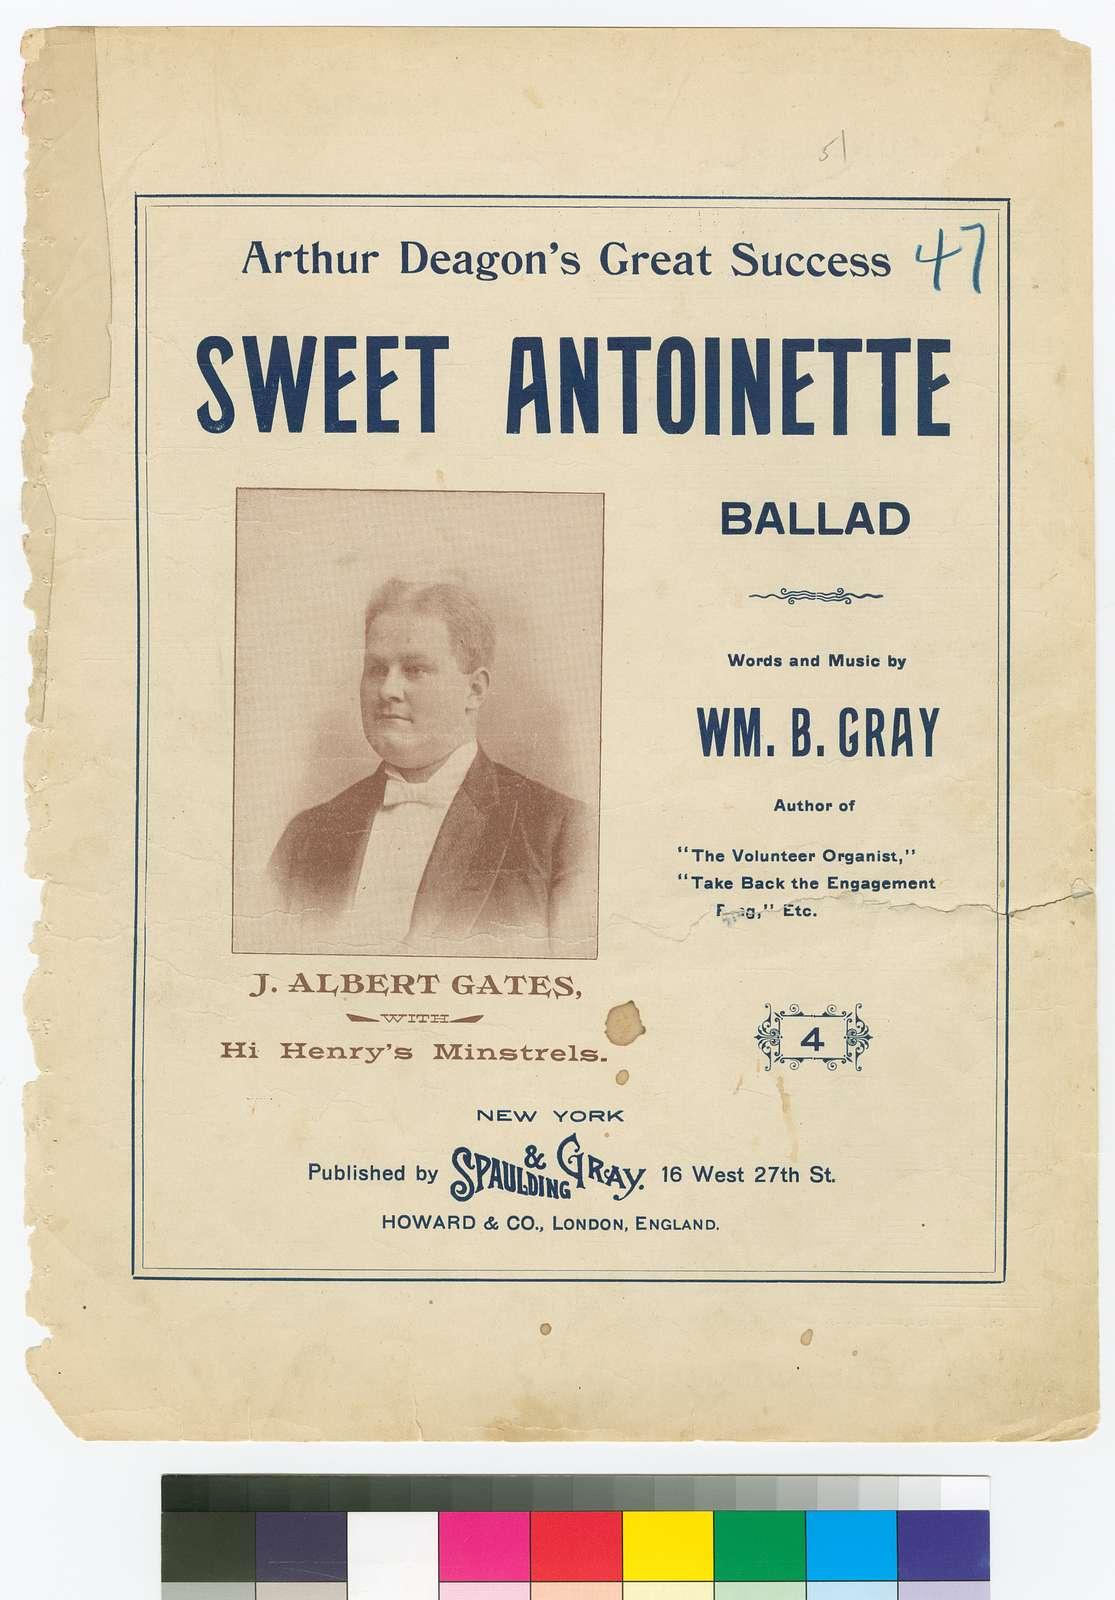 Sweet Antoinette